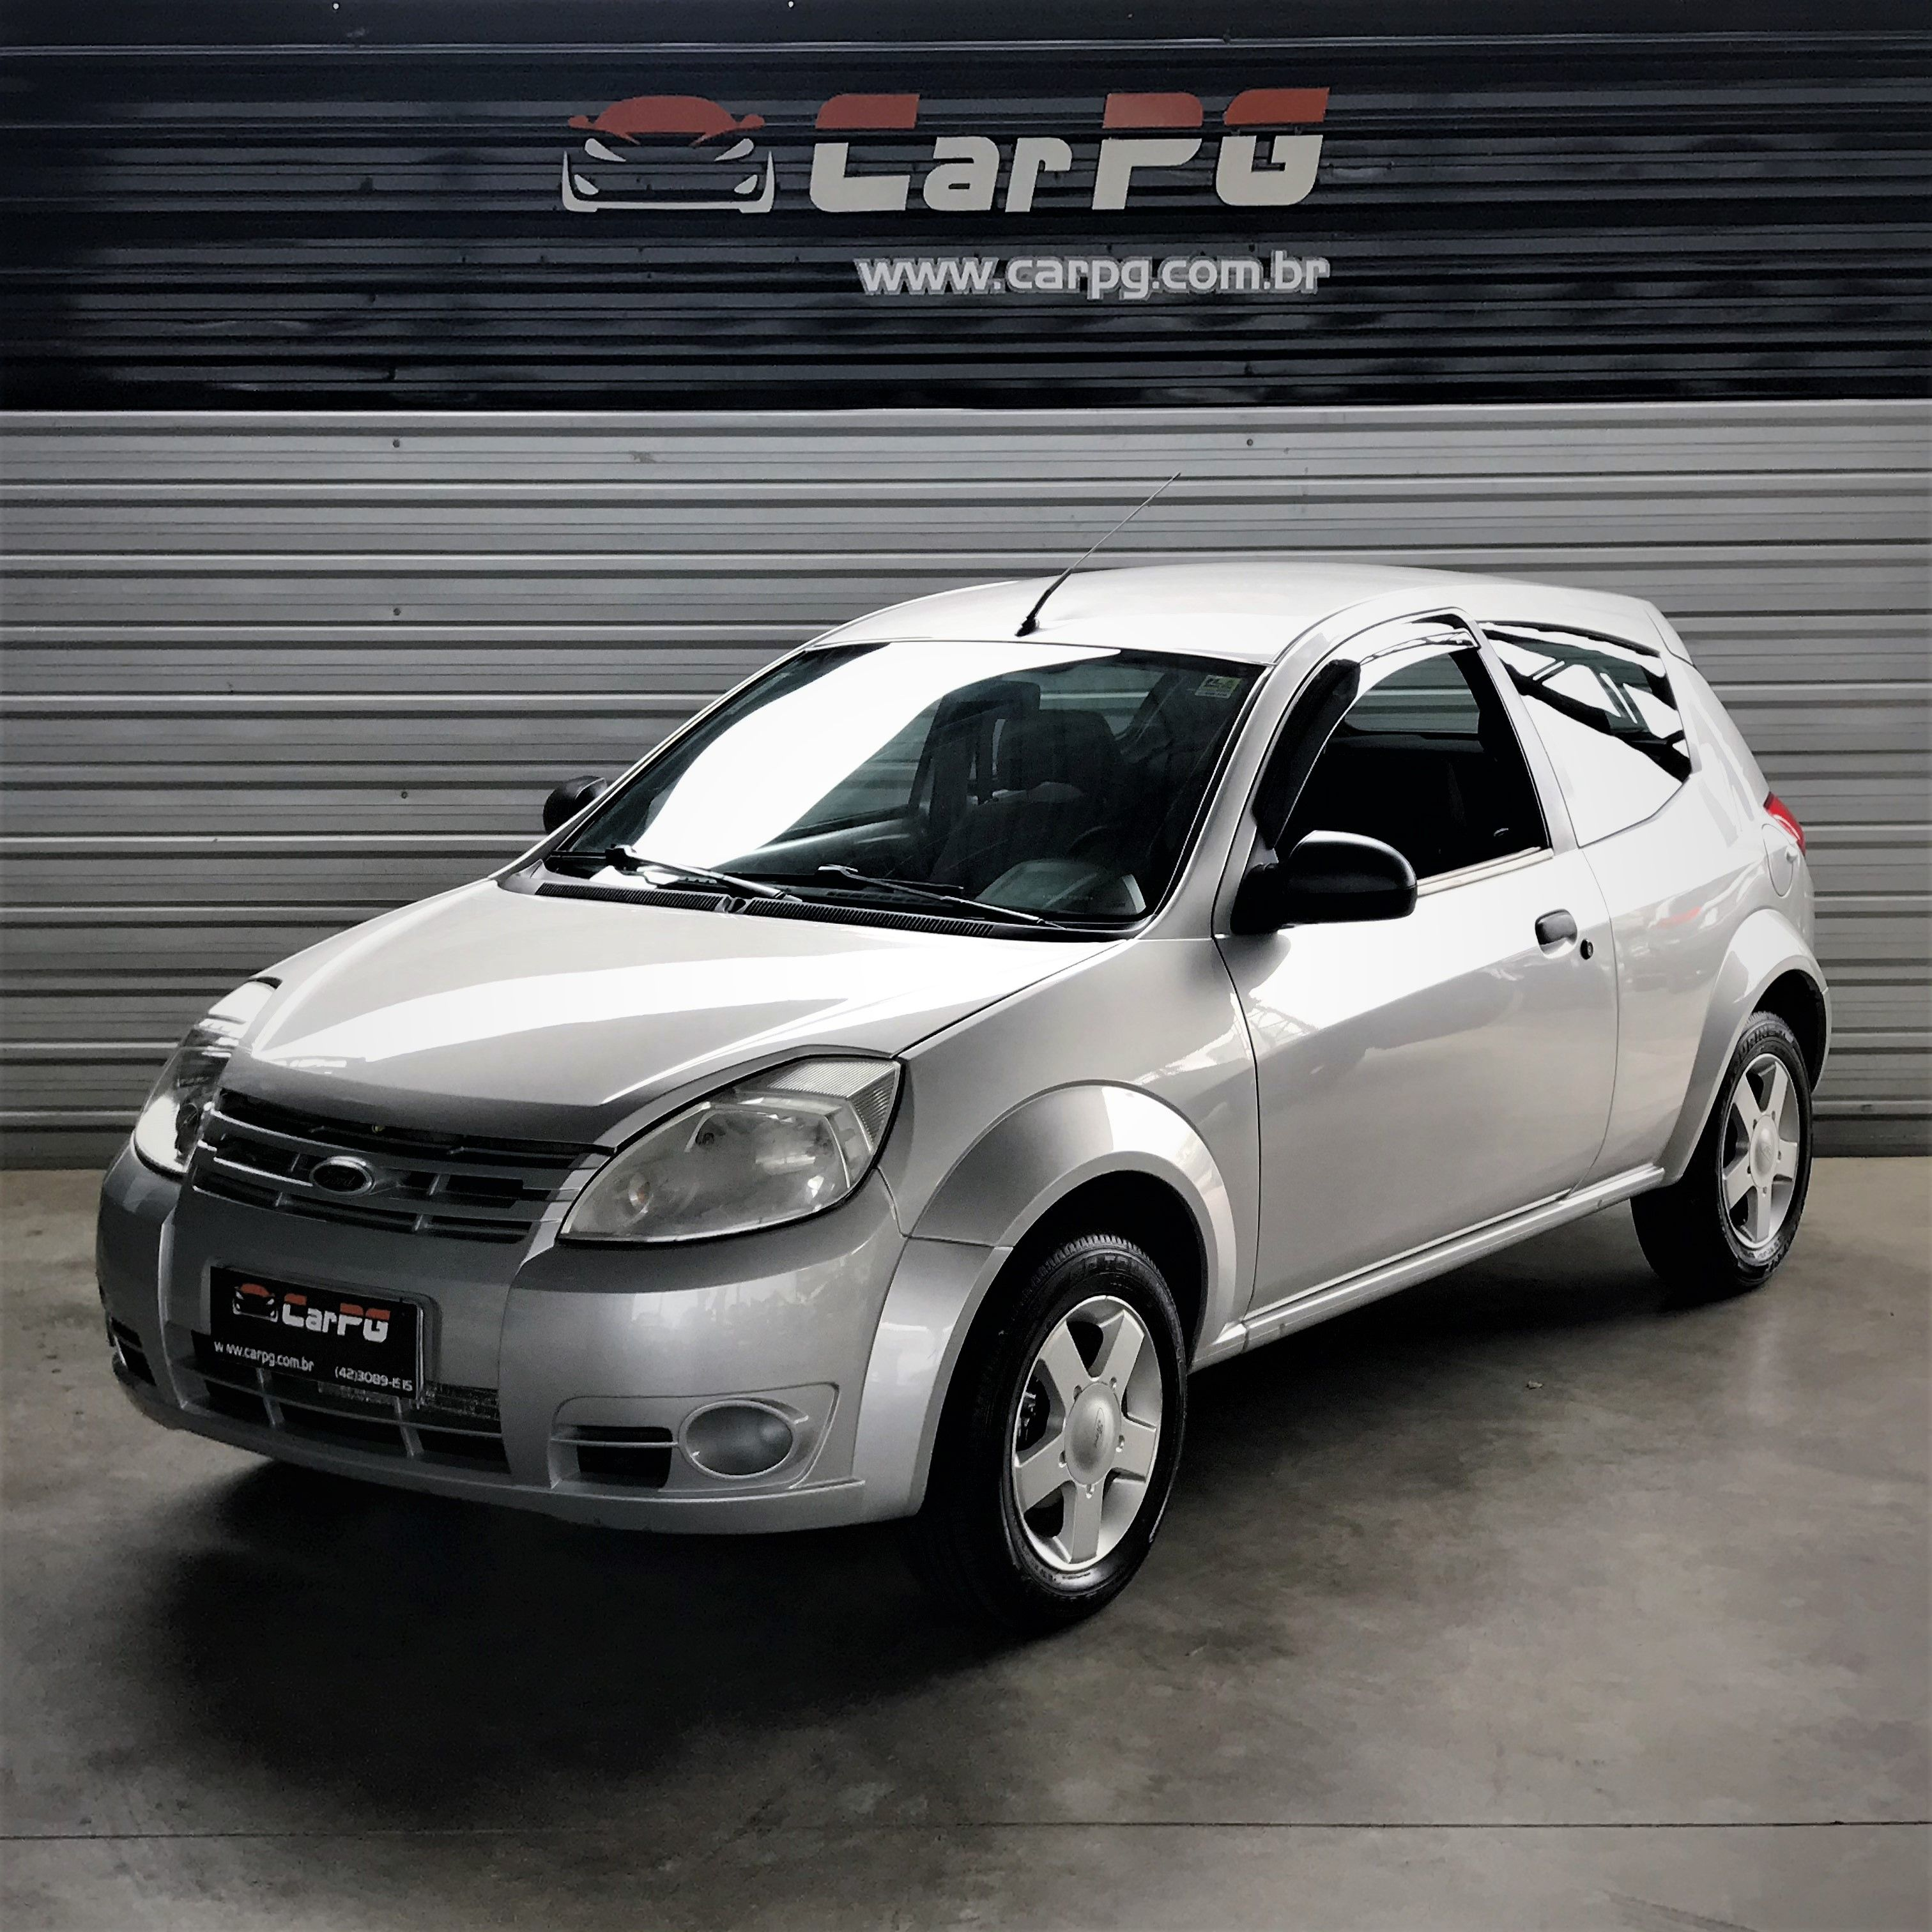 Ford Ka 1 0 Flex 2009 17 900 119 000 Km Veiculo Em Excelente Estado De Con Chevrolet Caravan Chevrolet Agile Fiat Strada Working